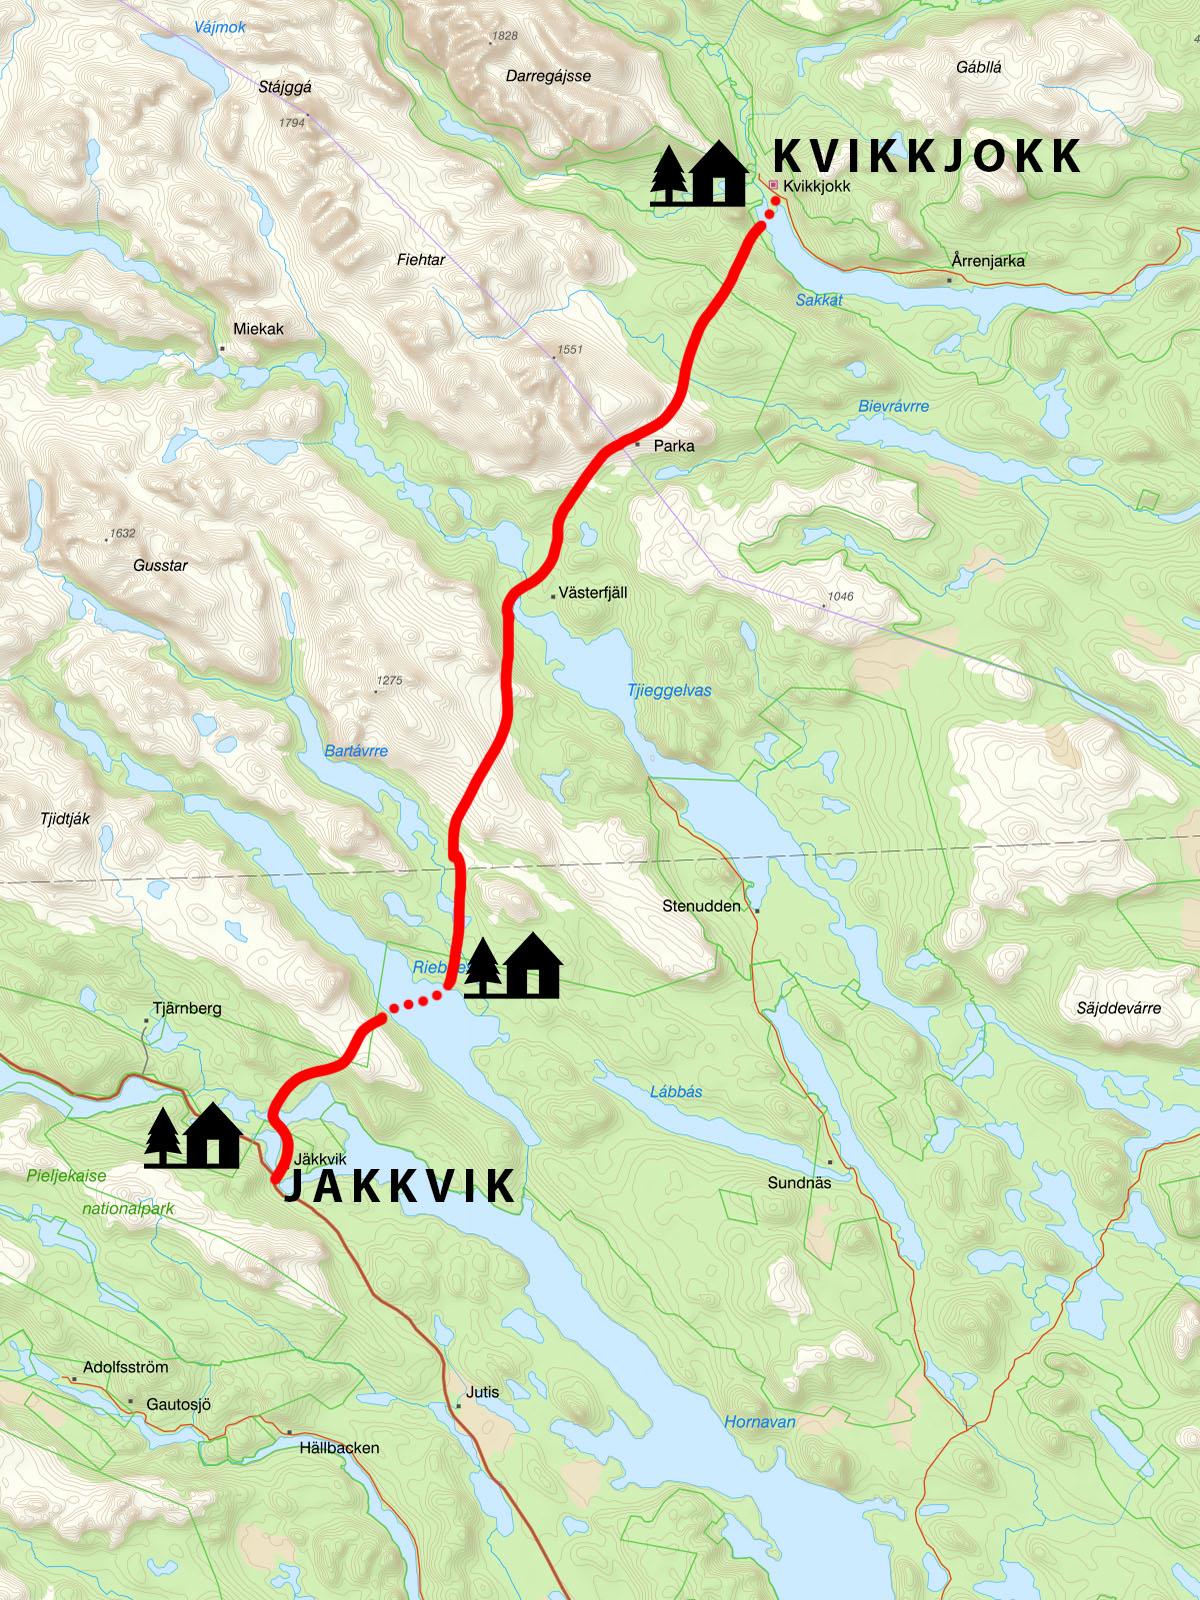 Kungsleden trail map - Kvikkjokk to Jakkvik